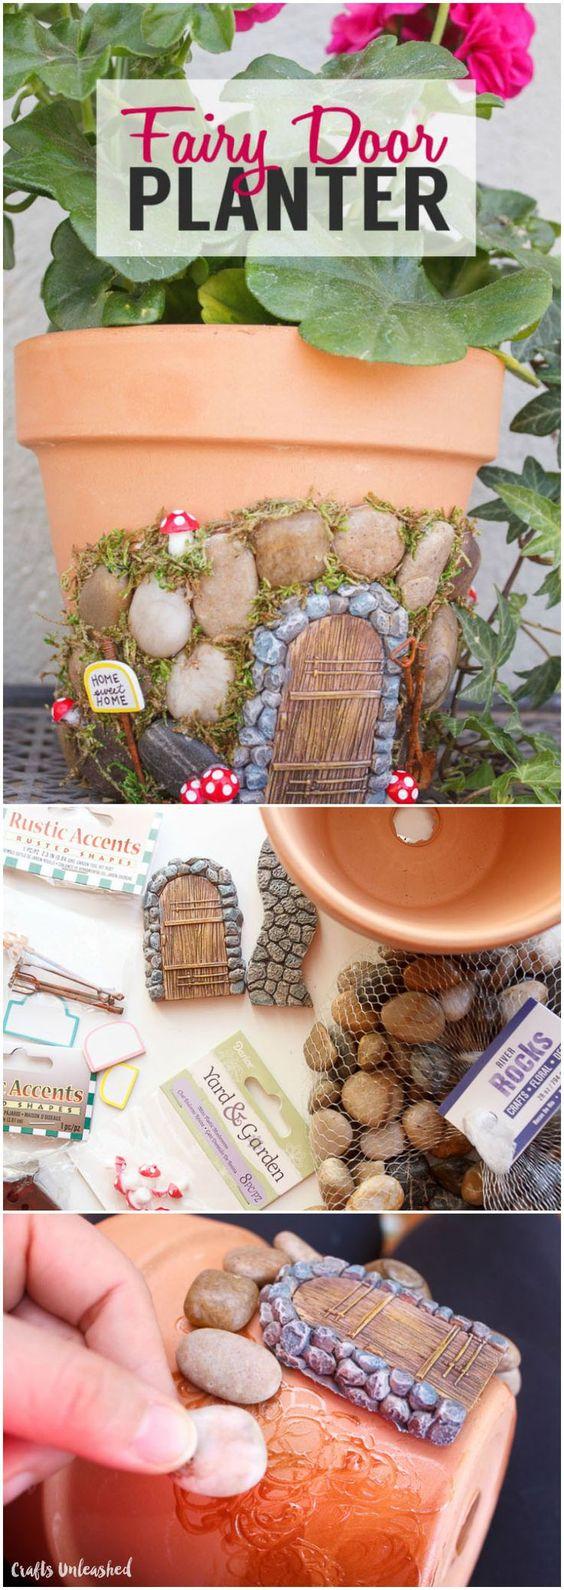 DIY Fairy House Flower Pots